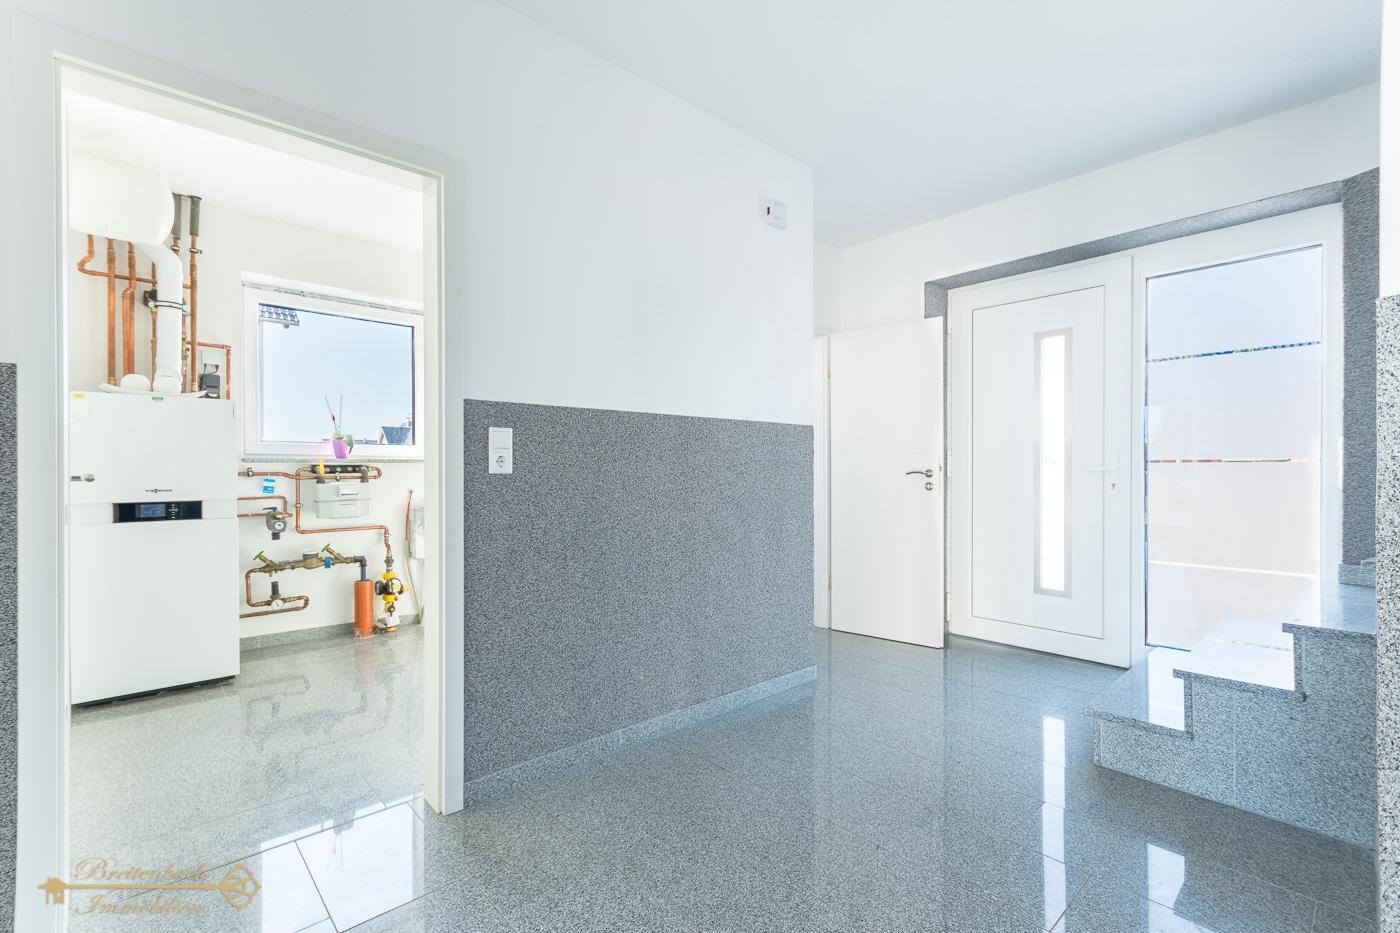 2019-09-21-Breitenbach-Immobilien-12